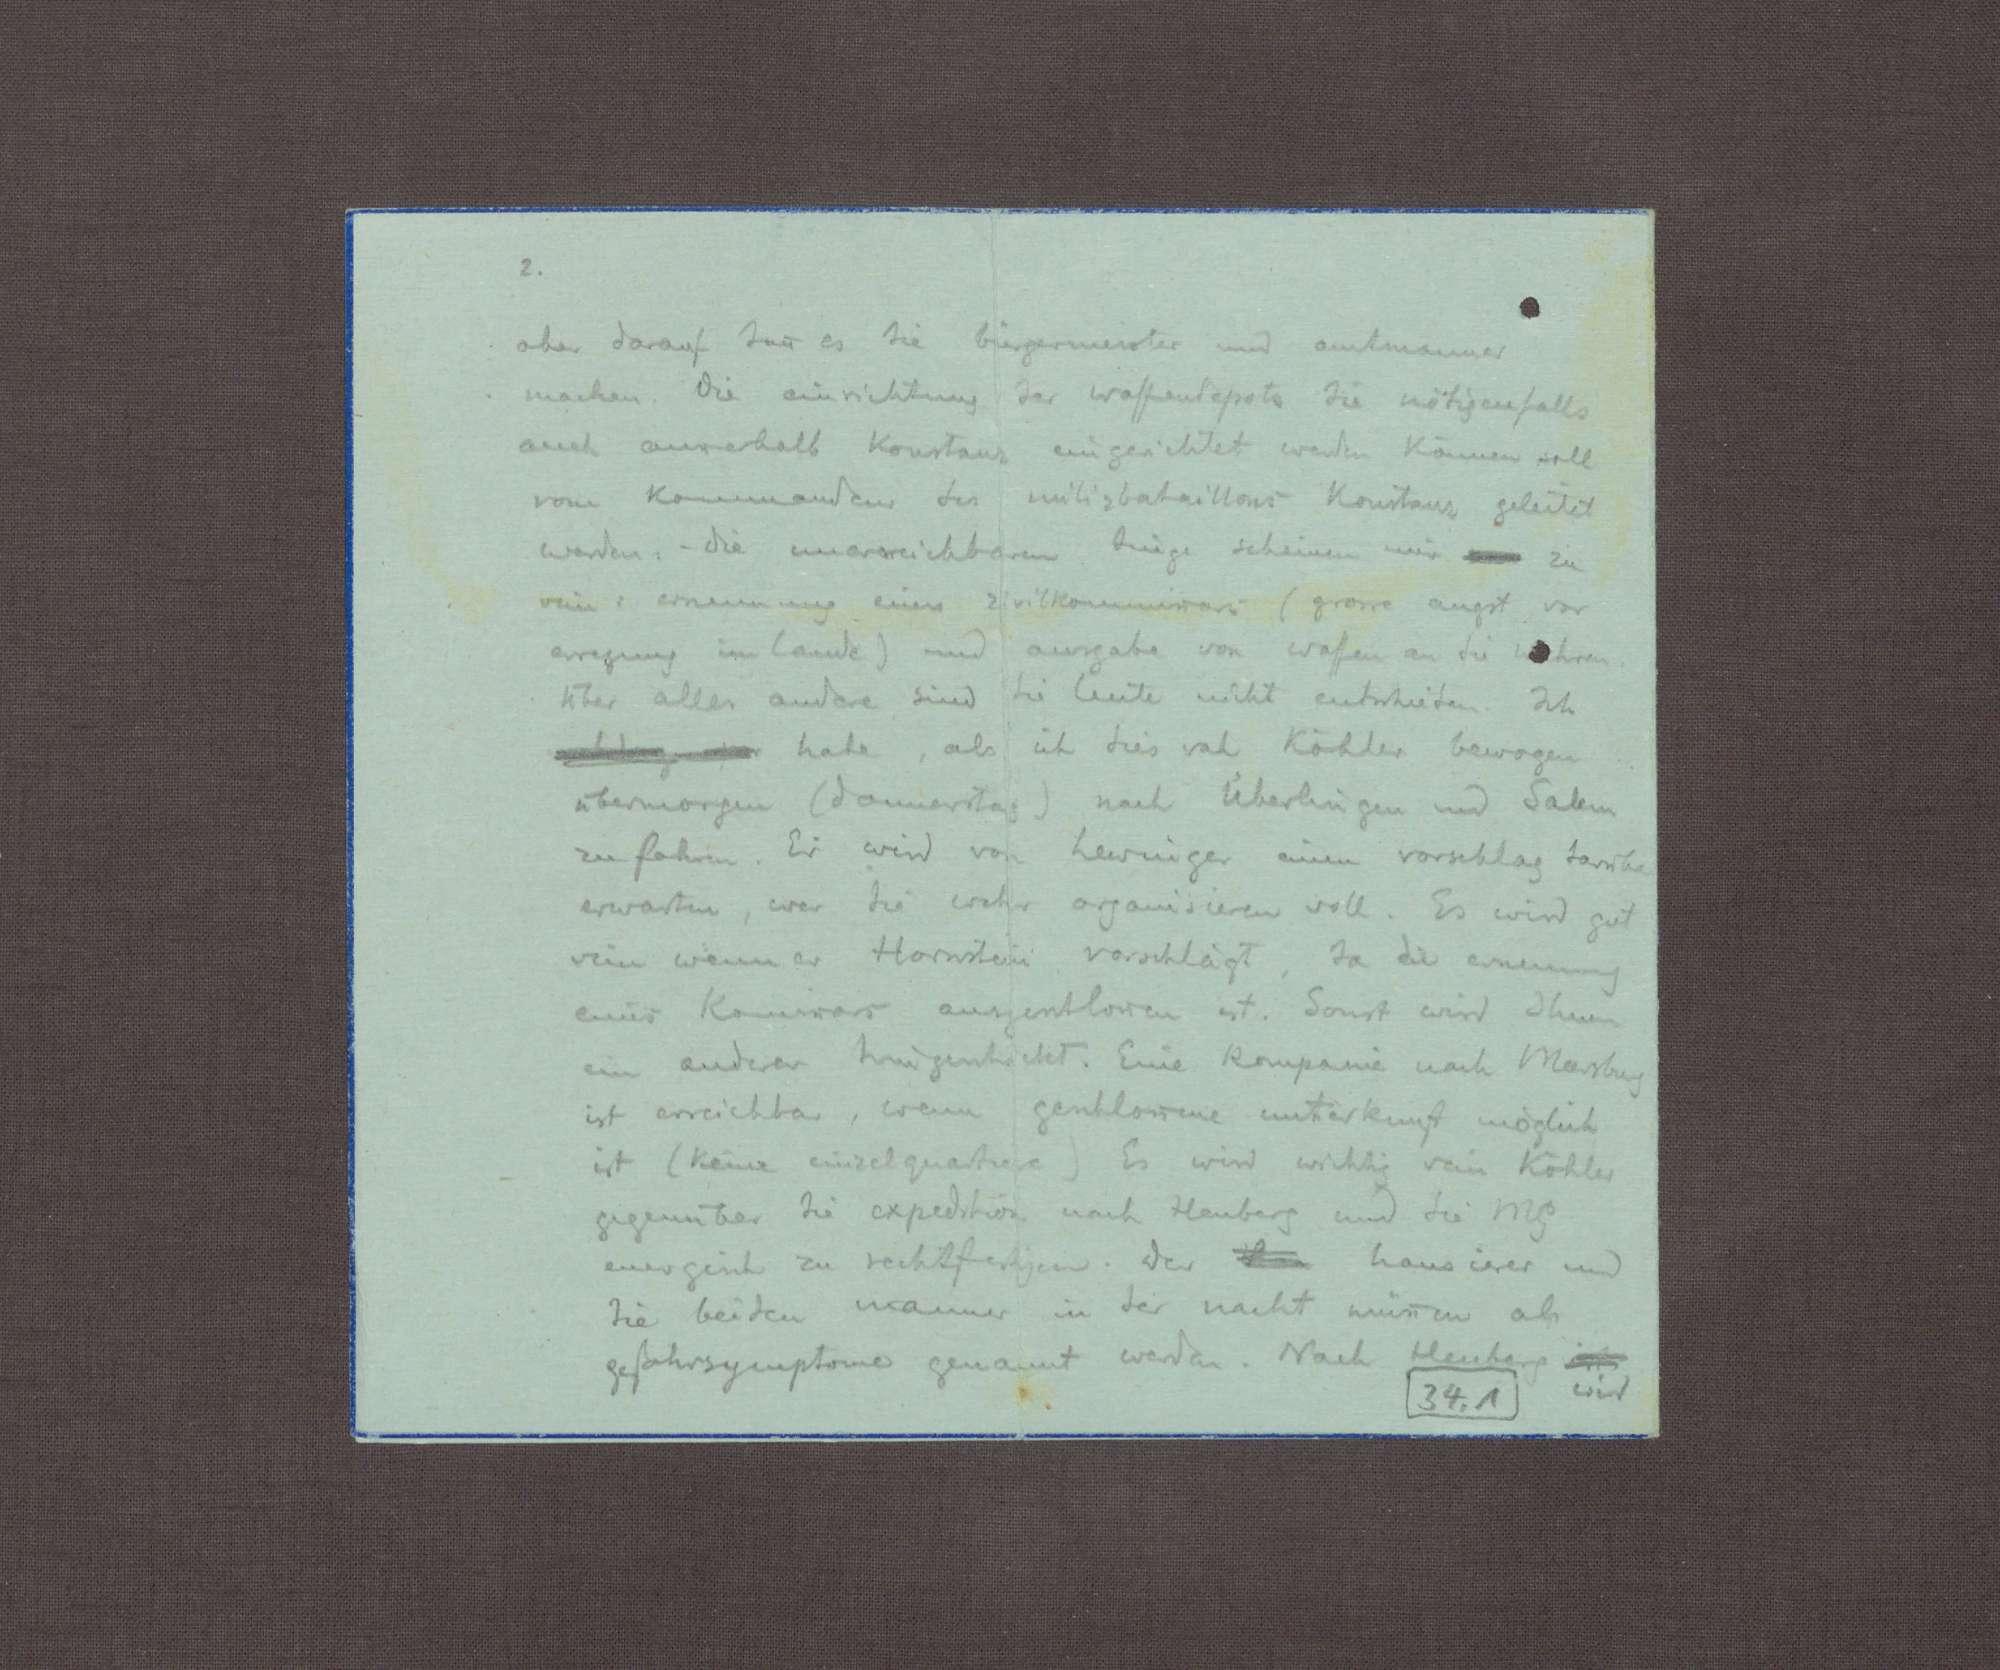 Schreiben von Ruhholtz an Kurt Hahn; Kritische Stimmung gegenüber den Maßnahmen zur Verteidigung in Salem, Bild 3